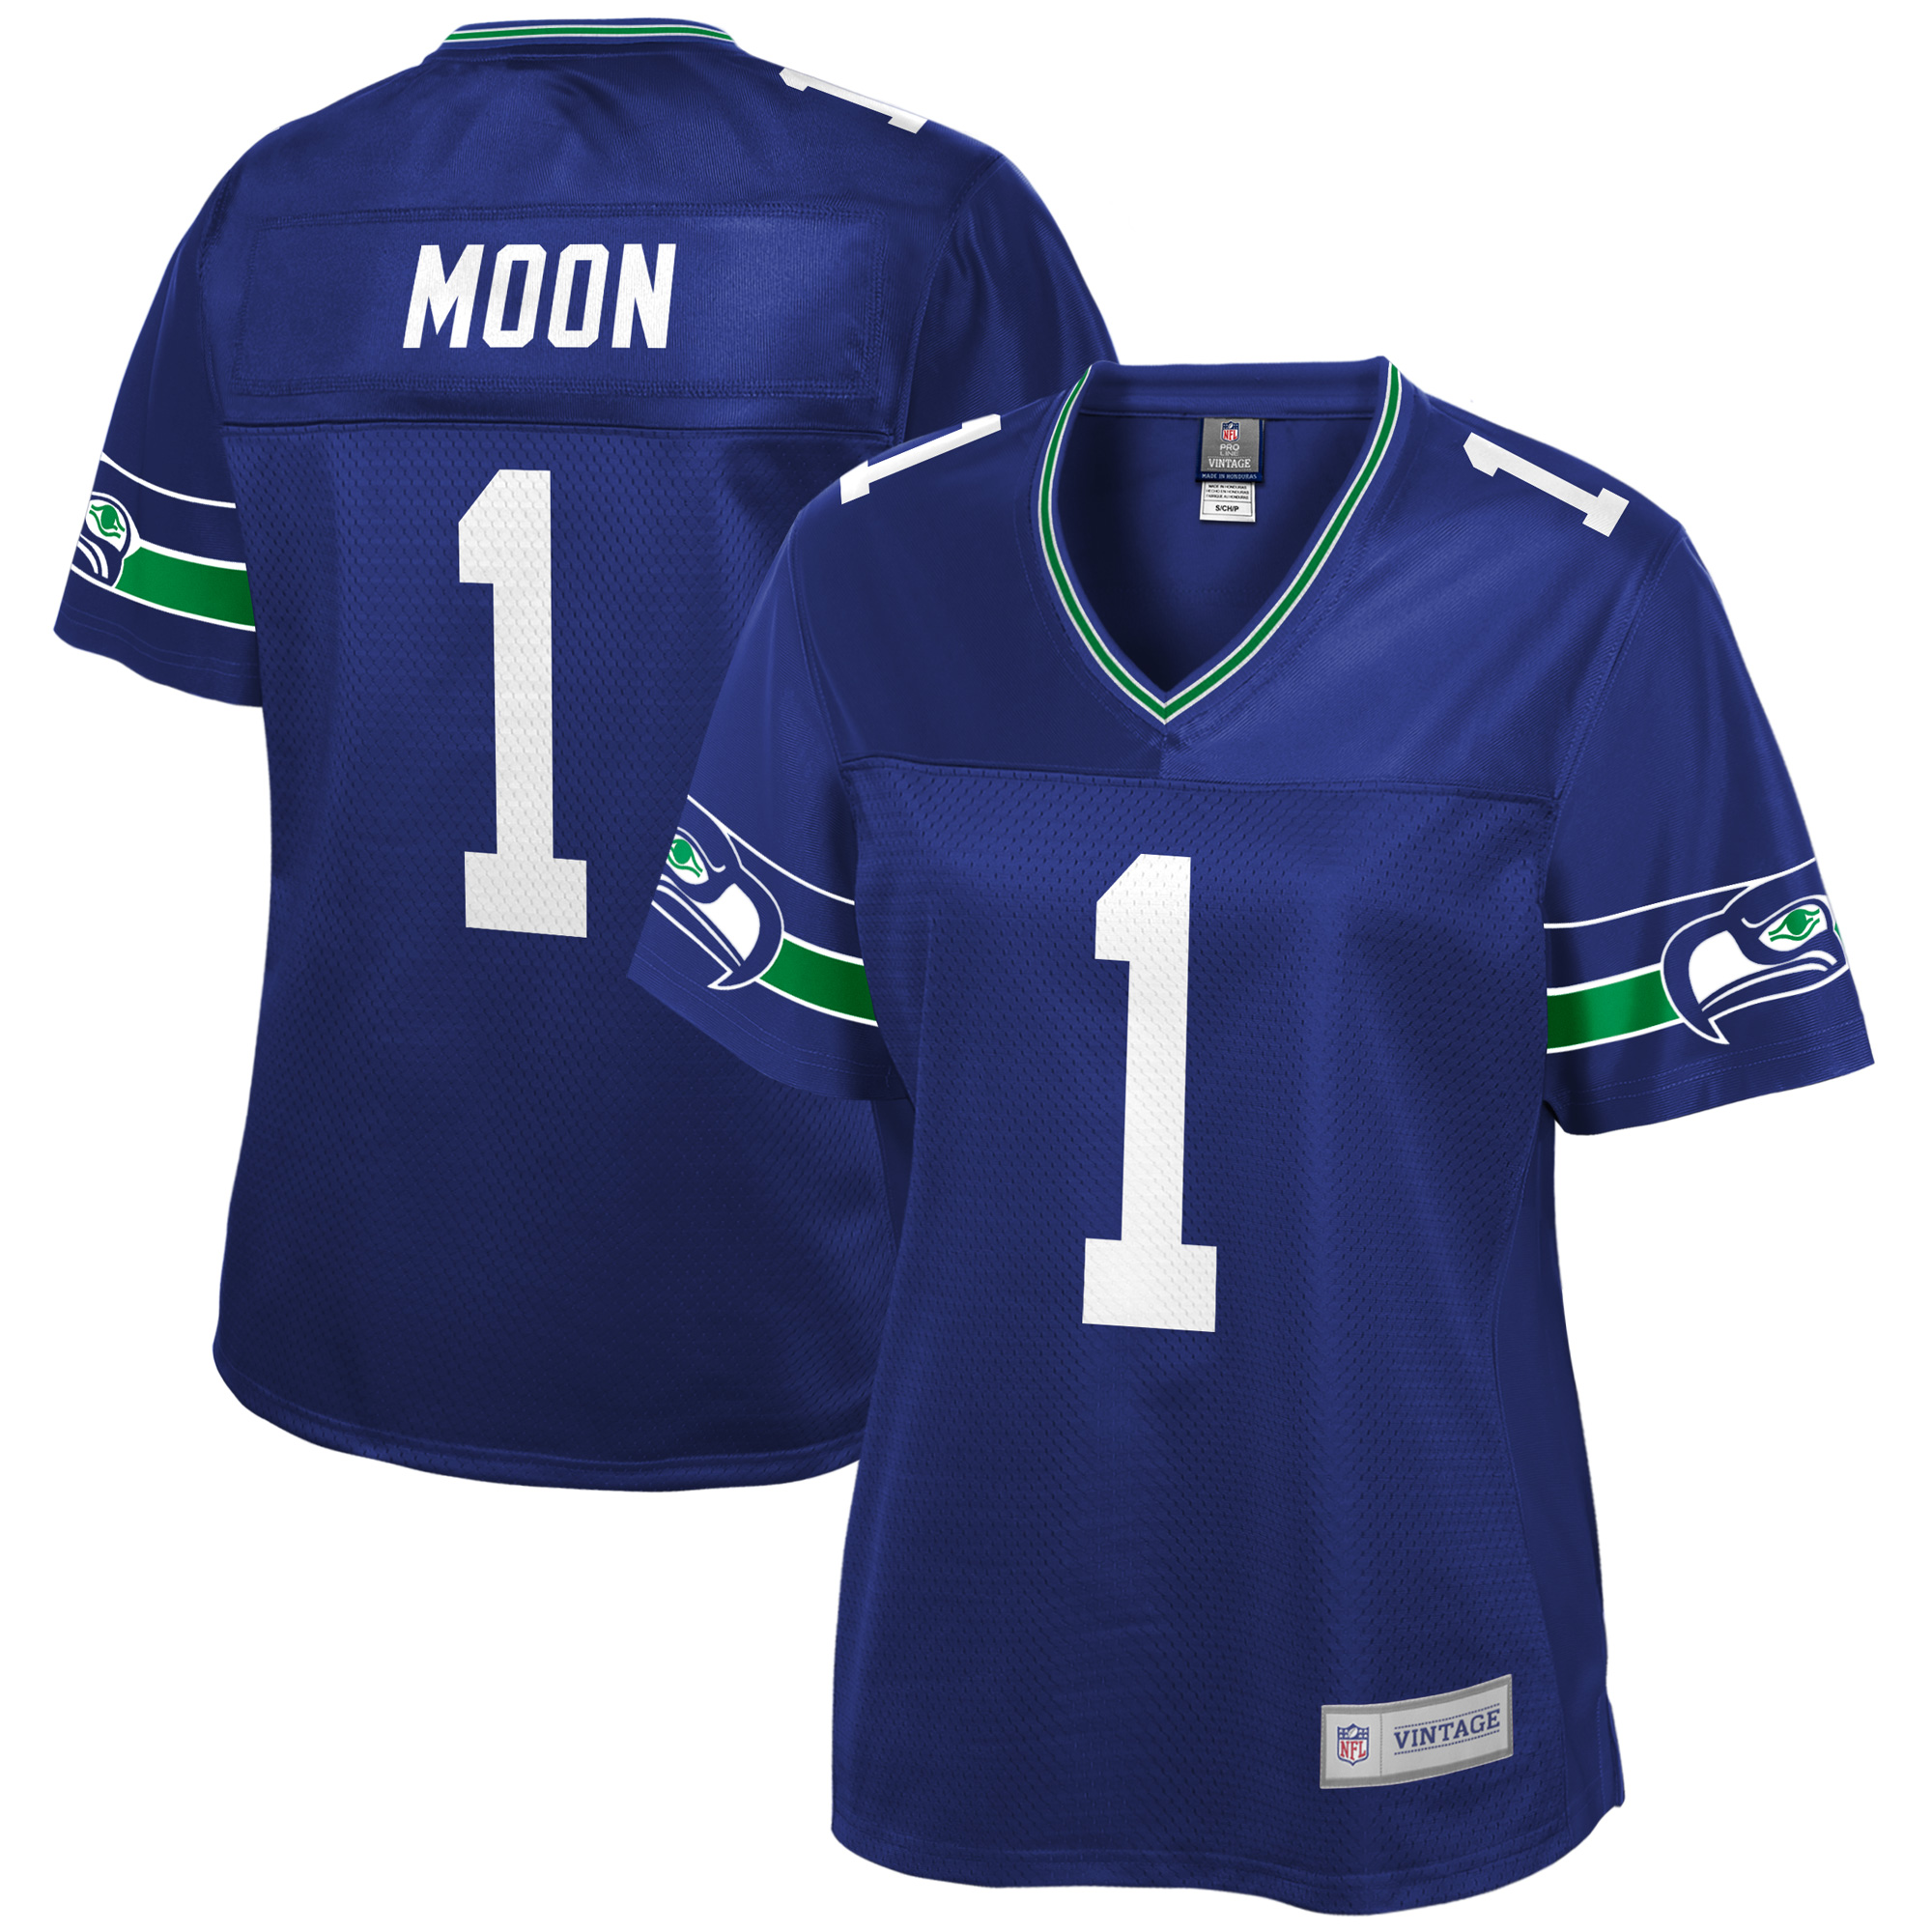 0d741bab4 Warren Moon Seattle Seahawks NFL Pro Line Women's Retired Player ...